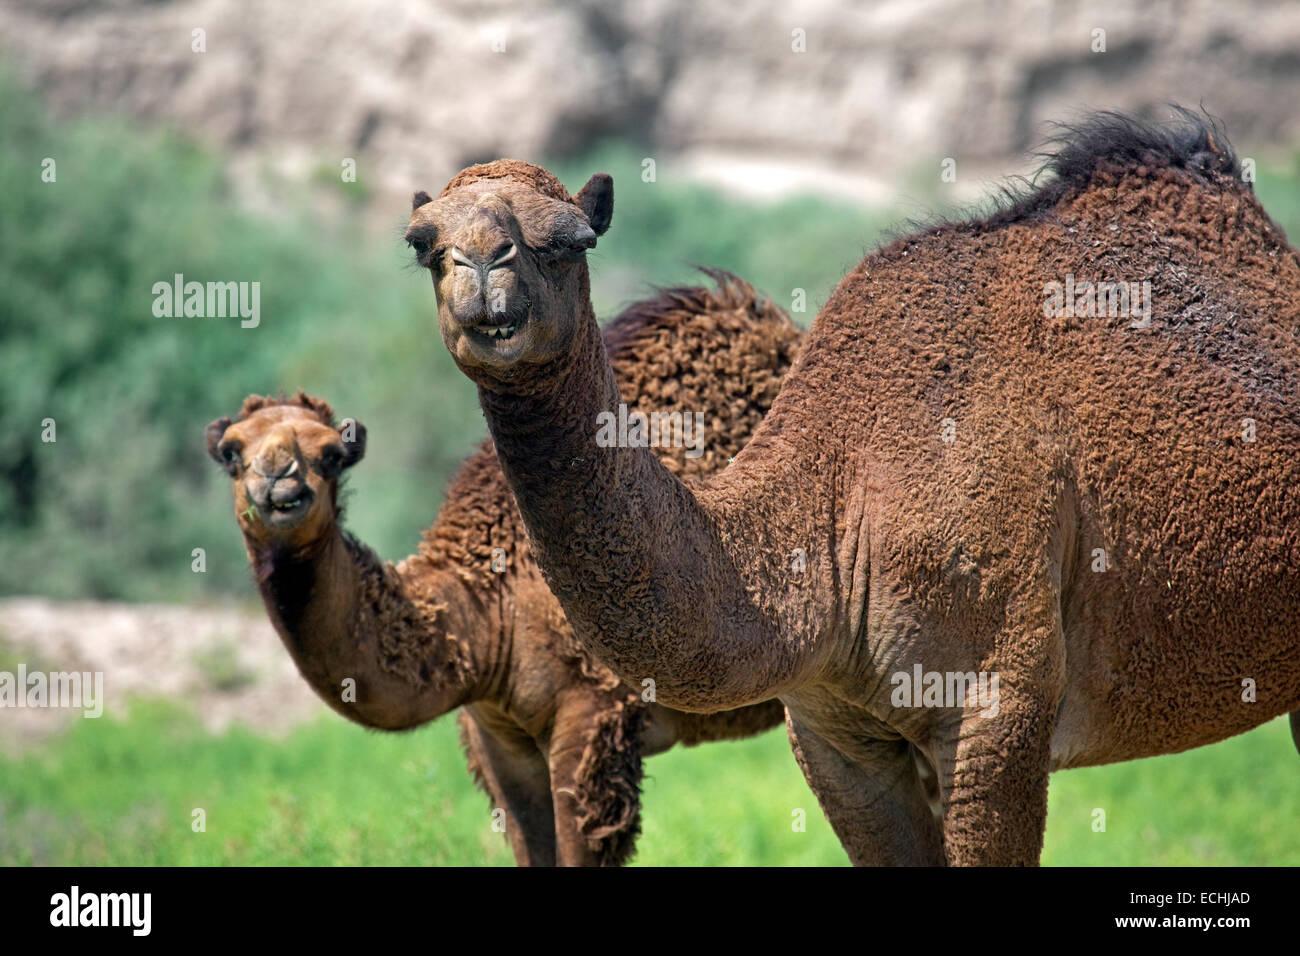 Le dromadaire / chameau d'Arabie (Camelus dromedarius), femelle et son veau dans le désert de Karakoum, le Turkménistan Banque D'Images